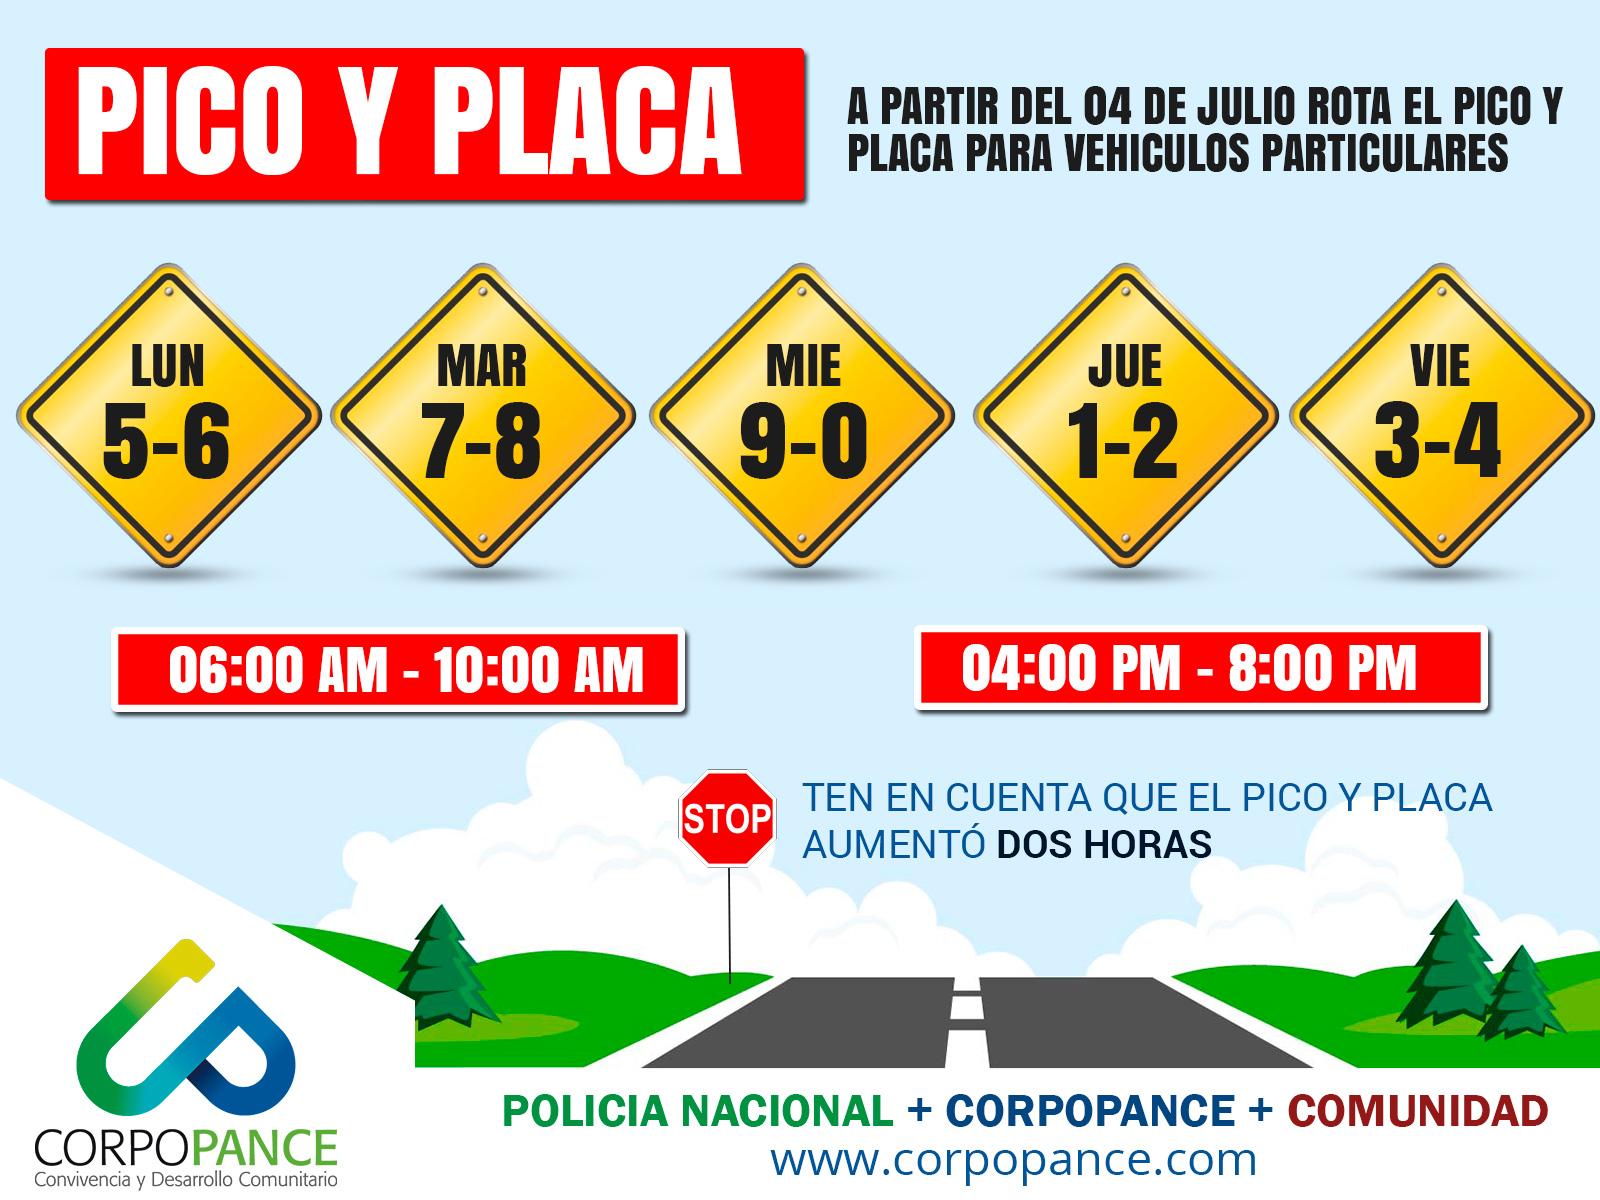 Pico y placa Cali 2017 / Ampliación y horarios